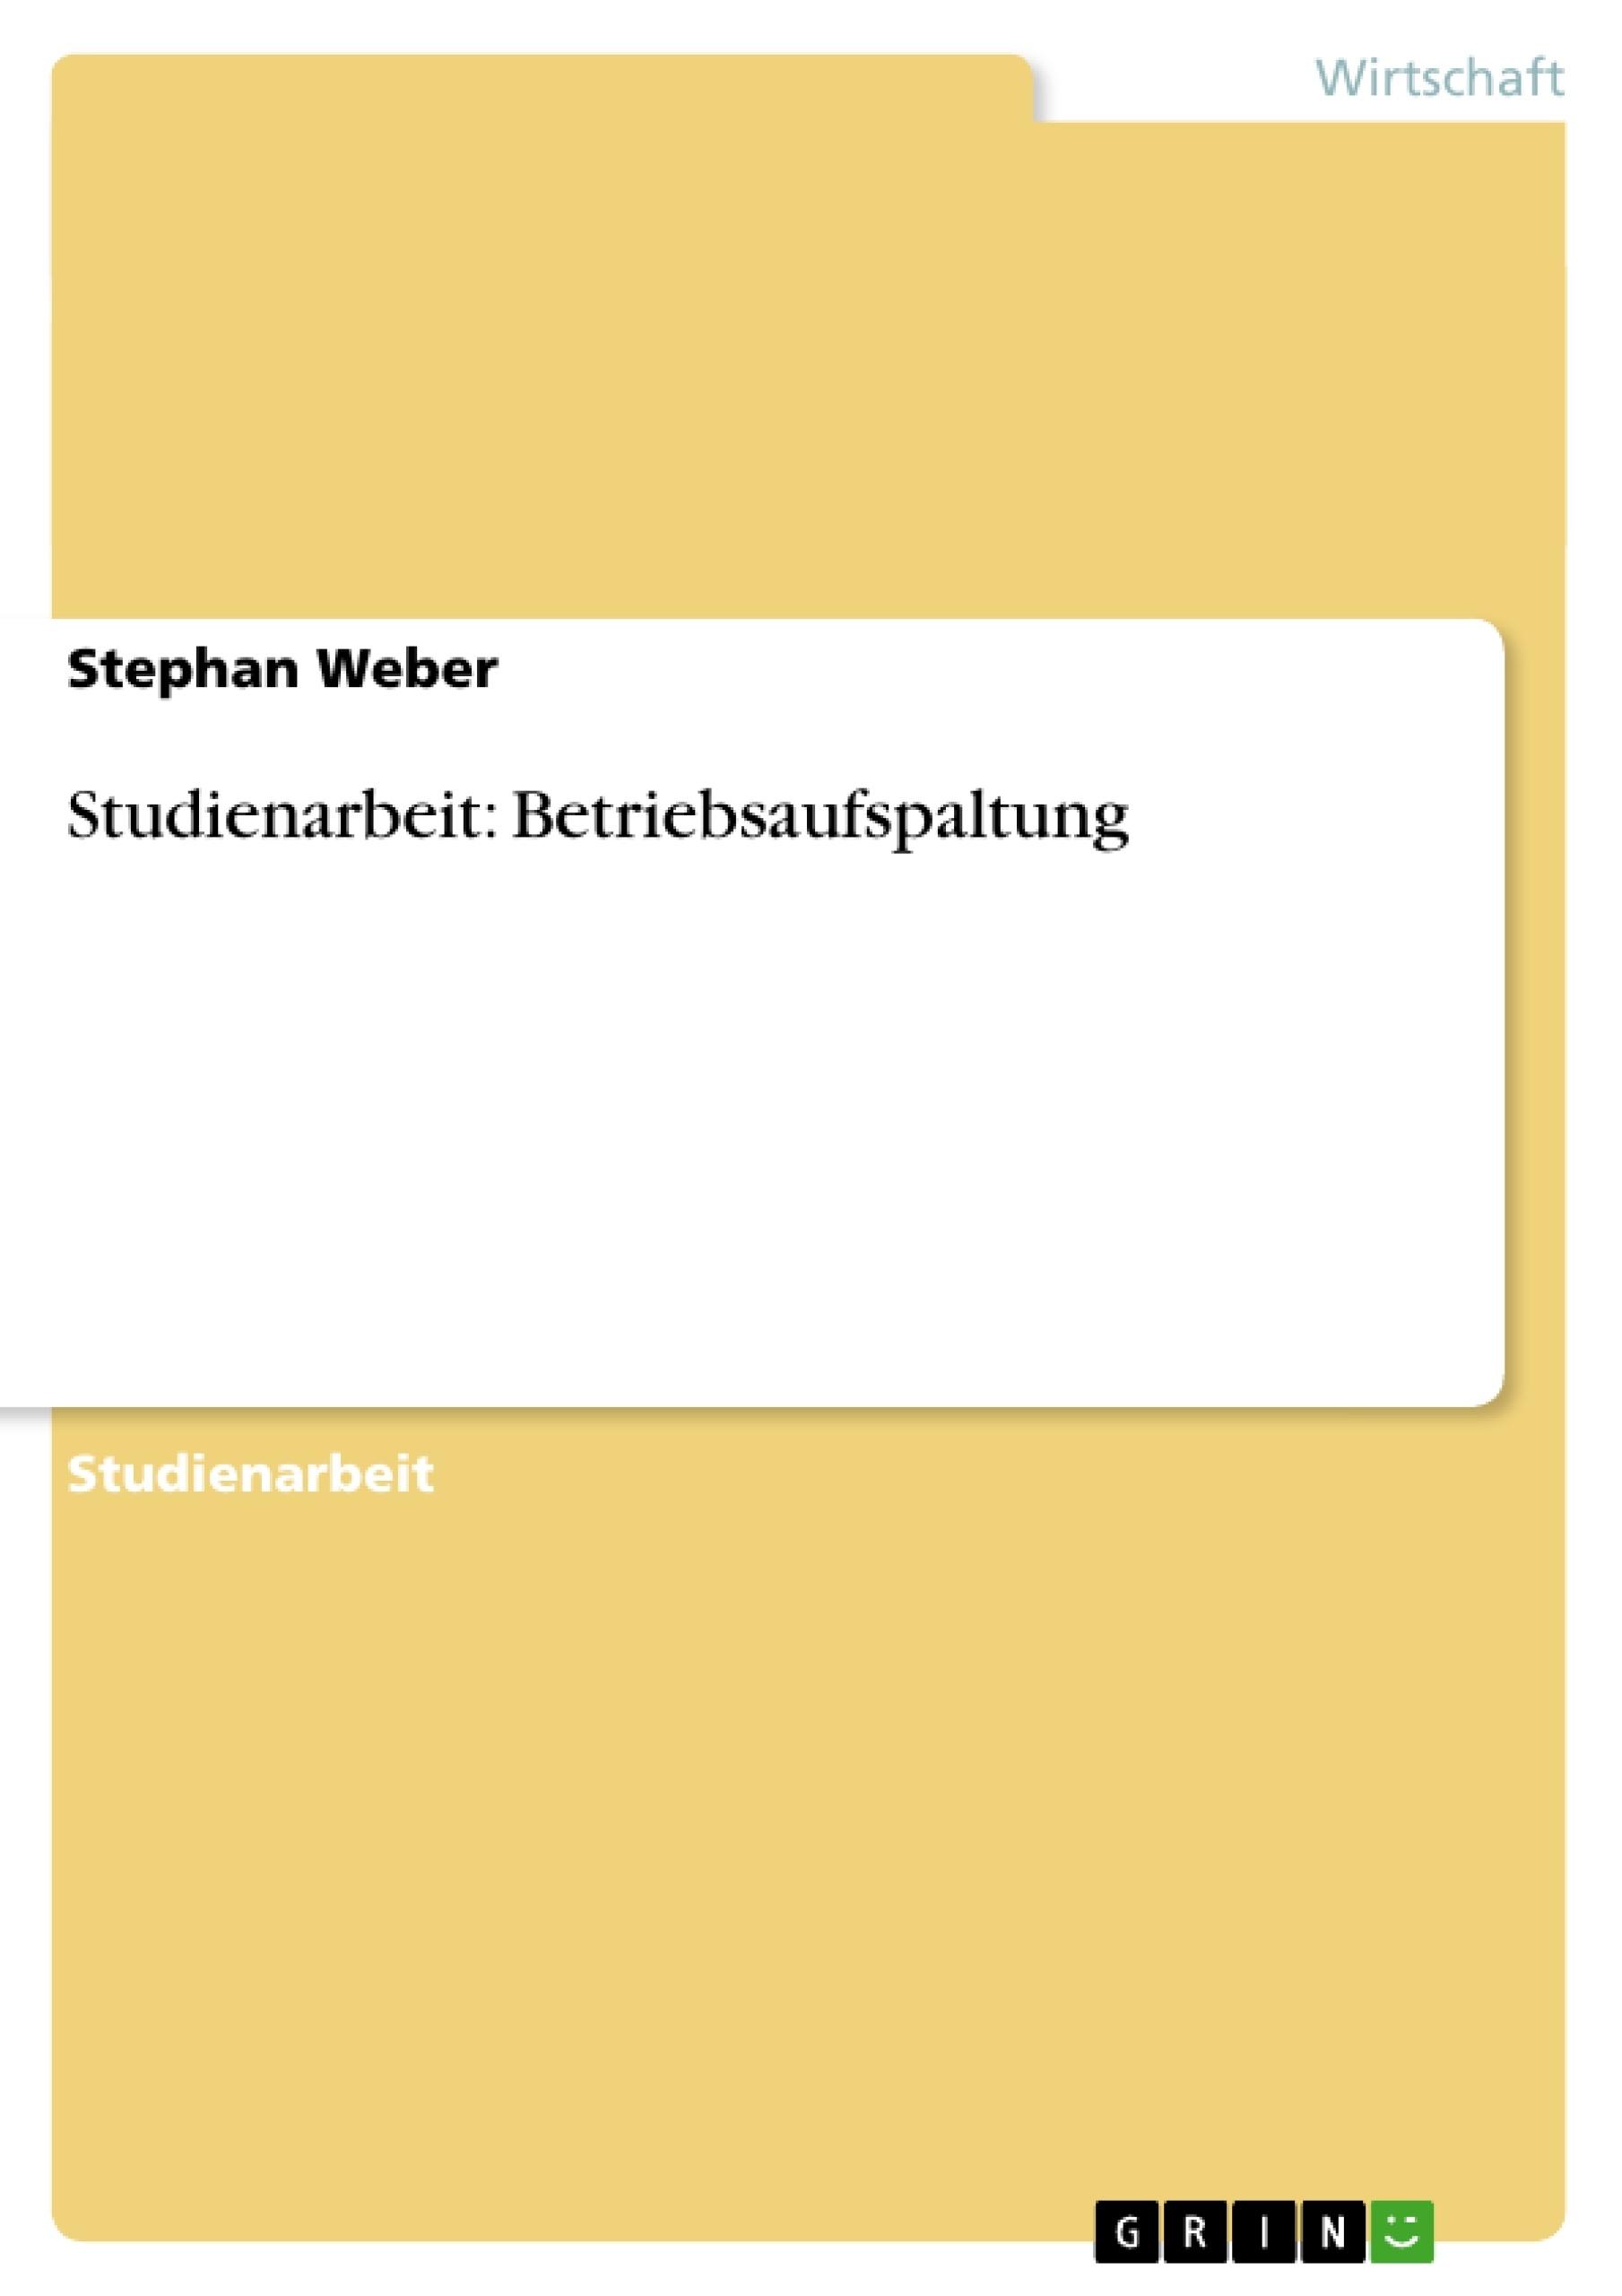 Titel: Studienarbeit: Betriebsaufspaltung